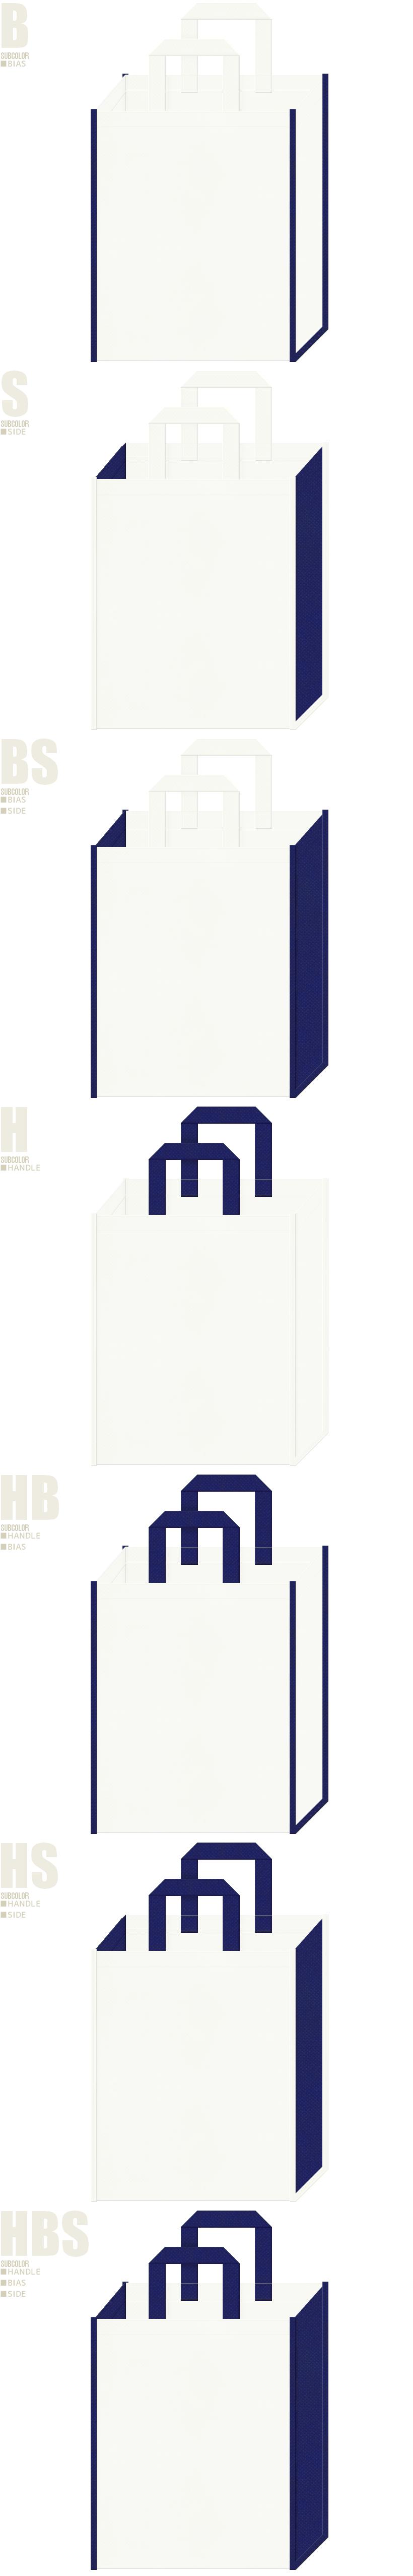 水産・船舶・学校・オープンキャンパス・学習塾・レッスンバッグ・マリンルック・水族館・クルージング・天体観測・プラネタリウム・太陽光パネル・太陽光発電の展示会用バッグにお奨めの不織布バッグデザイン:オフホワイト色と明るい紺色の不織布バッグ配色7パターン